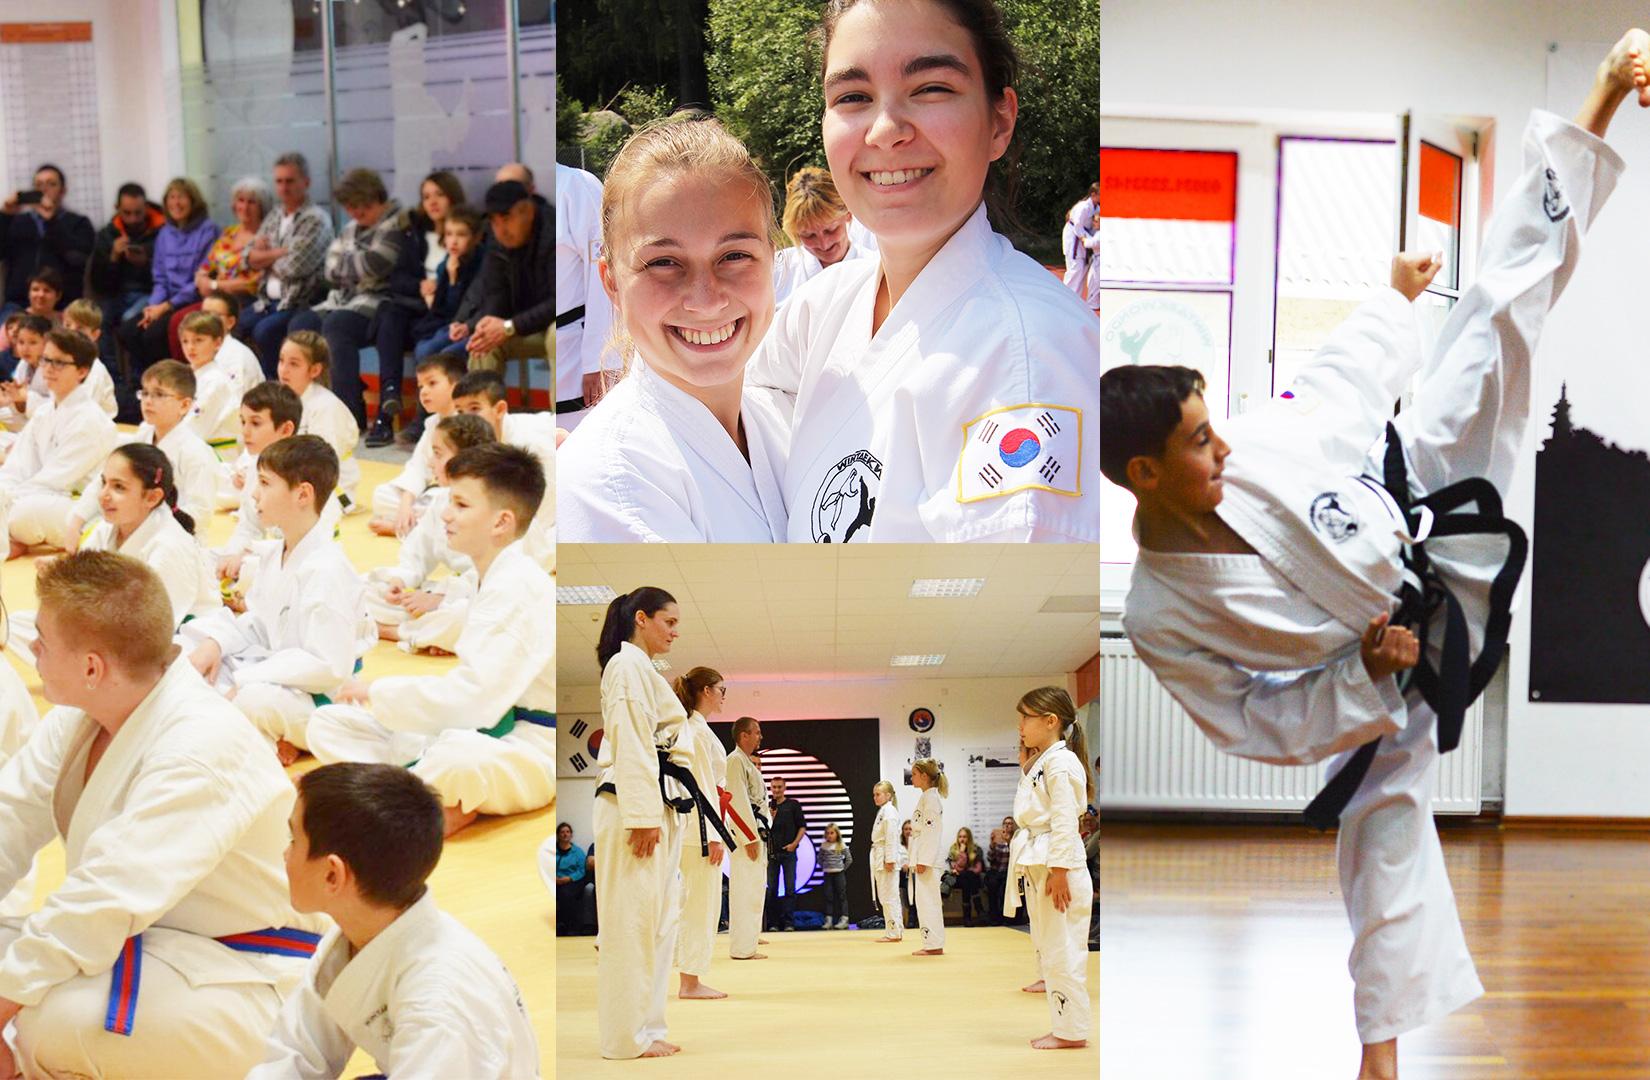 Mit WinTaekwondo erfolgreich sein und mehr Selbstbewusstsein aufbauen.